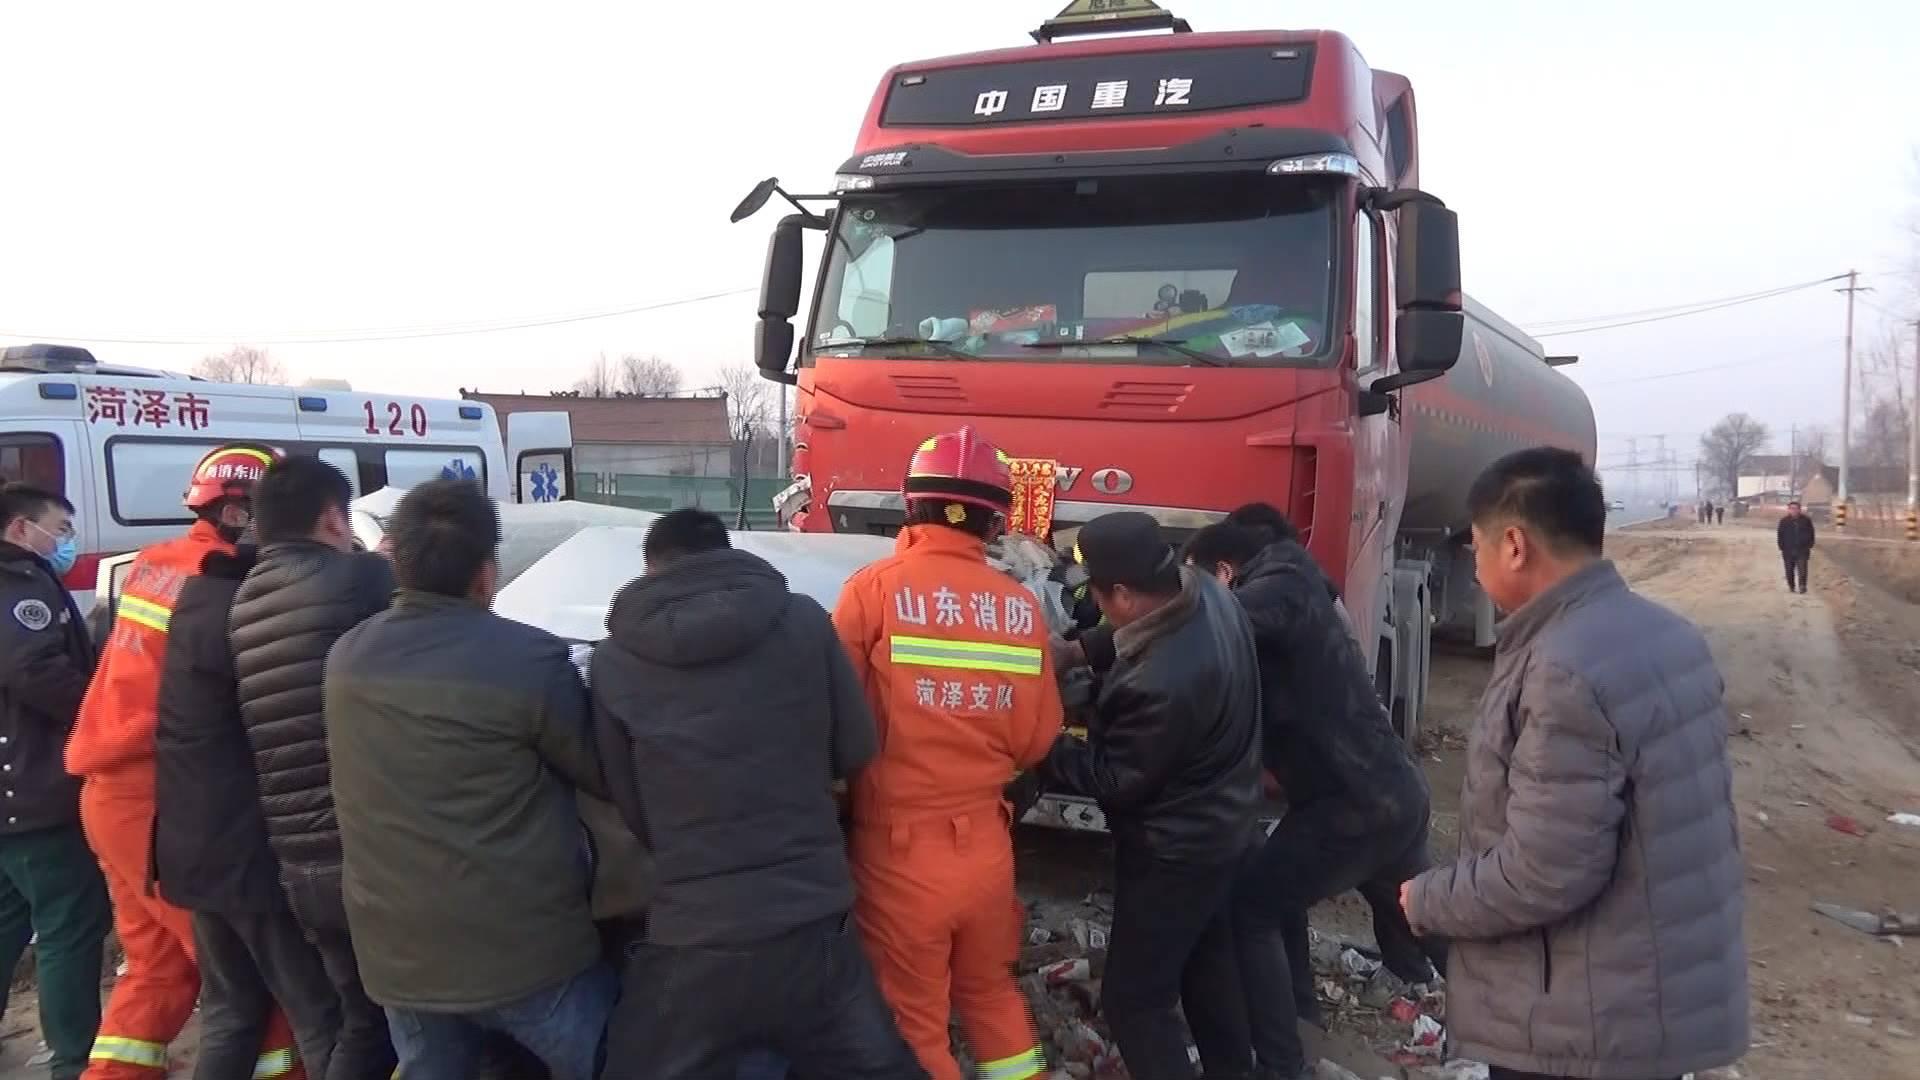 112秒丨轿车撞上半挂车悬挂在垃圾桶上 2人被困变形驾驶室内